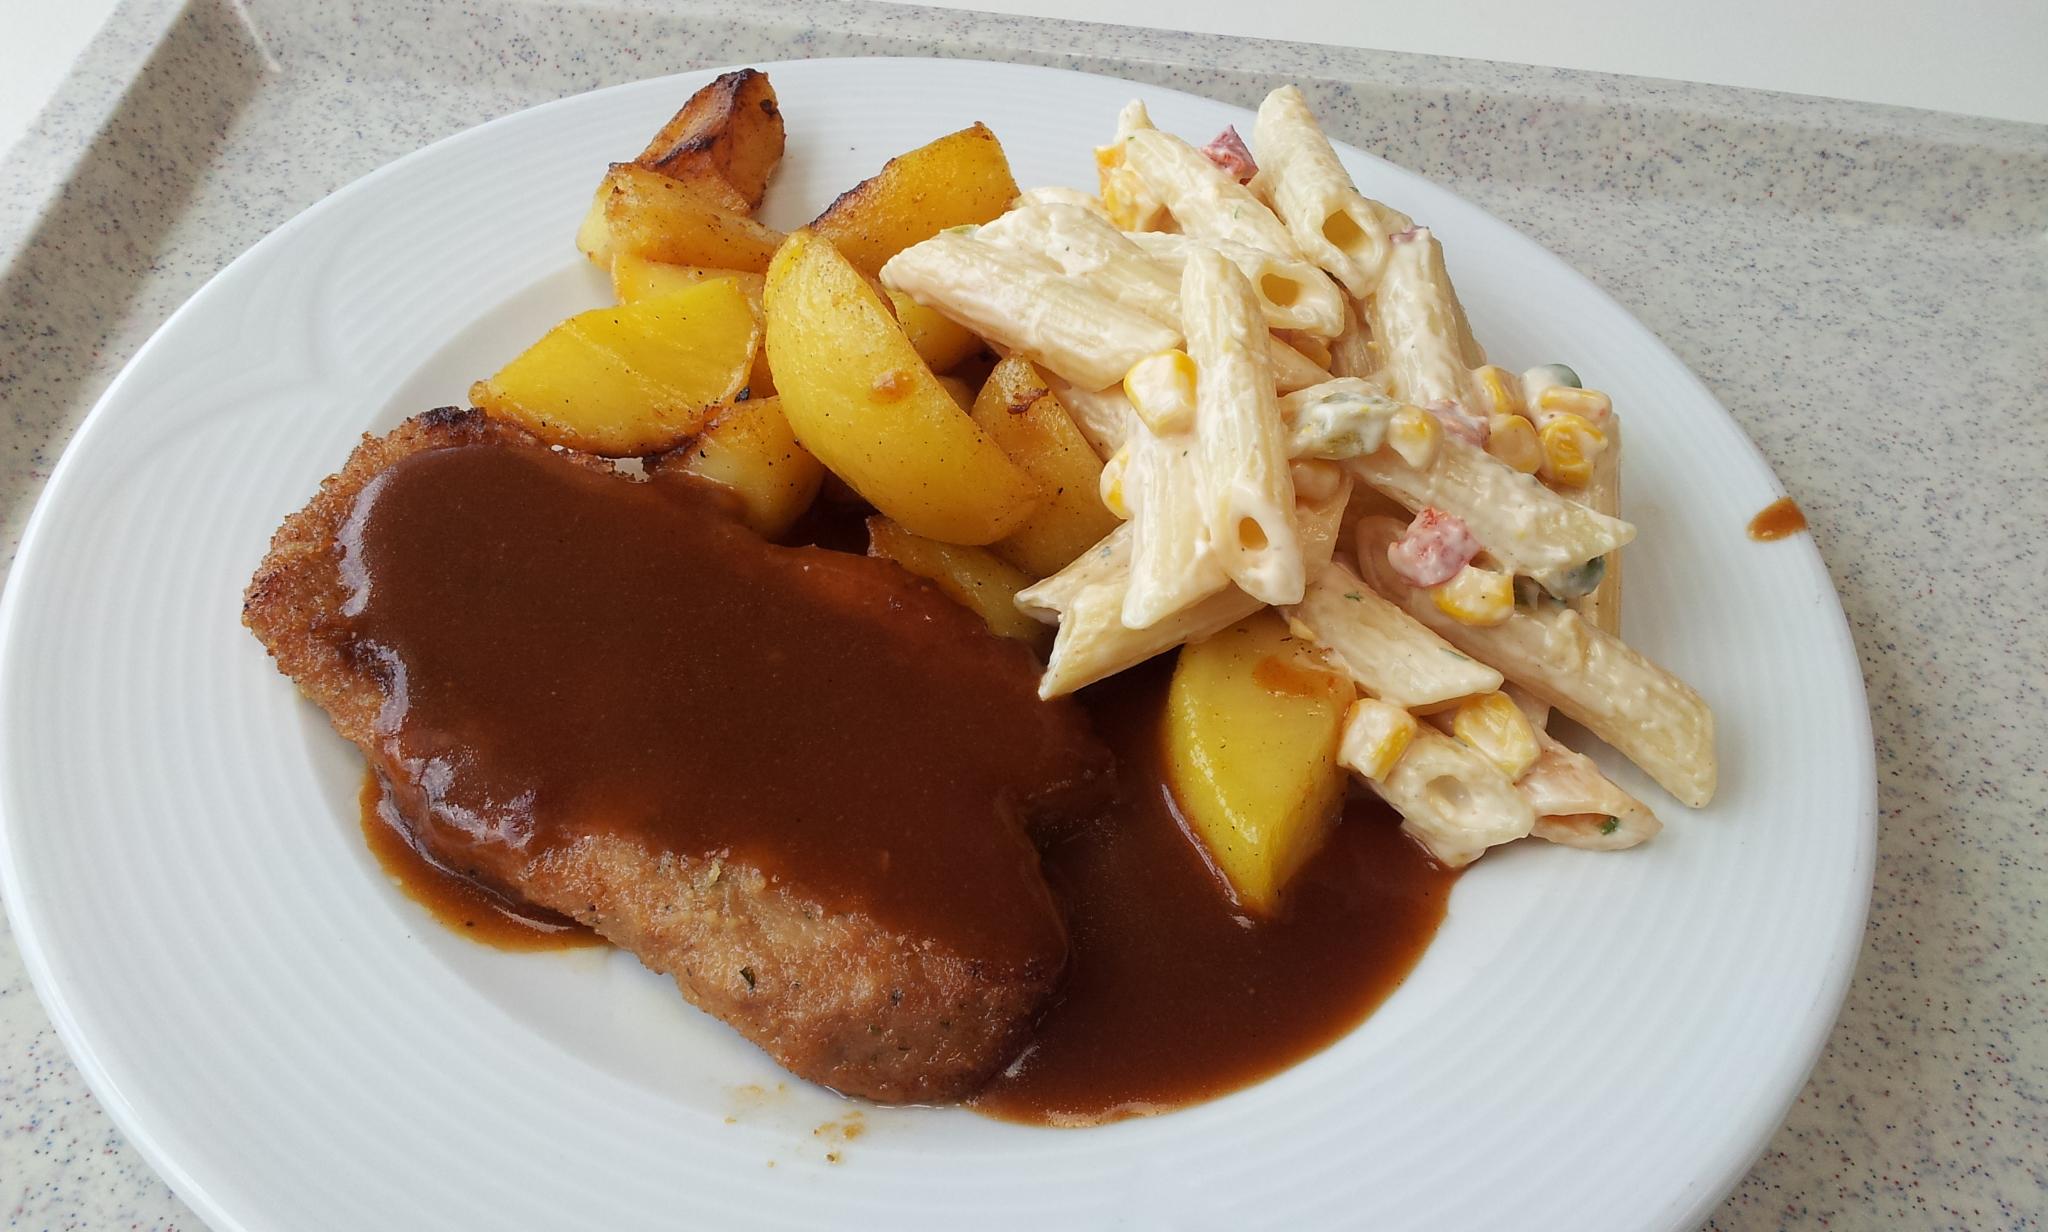 https://foodloader.net/Holz_2014-05-14_Schnitzel_mit_Bratkartoffeln_und_Nudelsalat.jpg